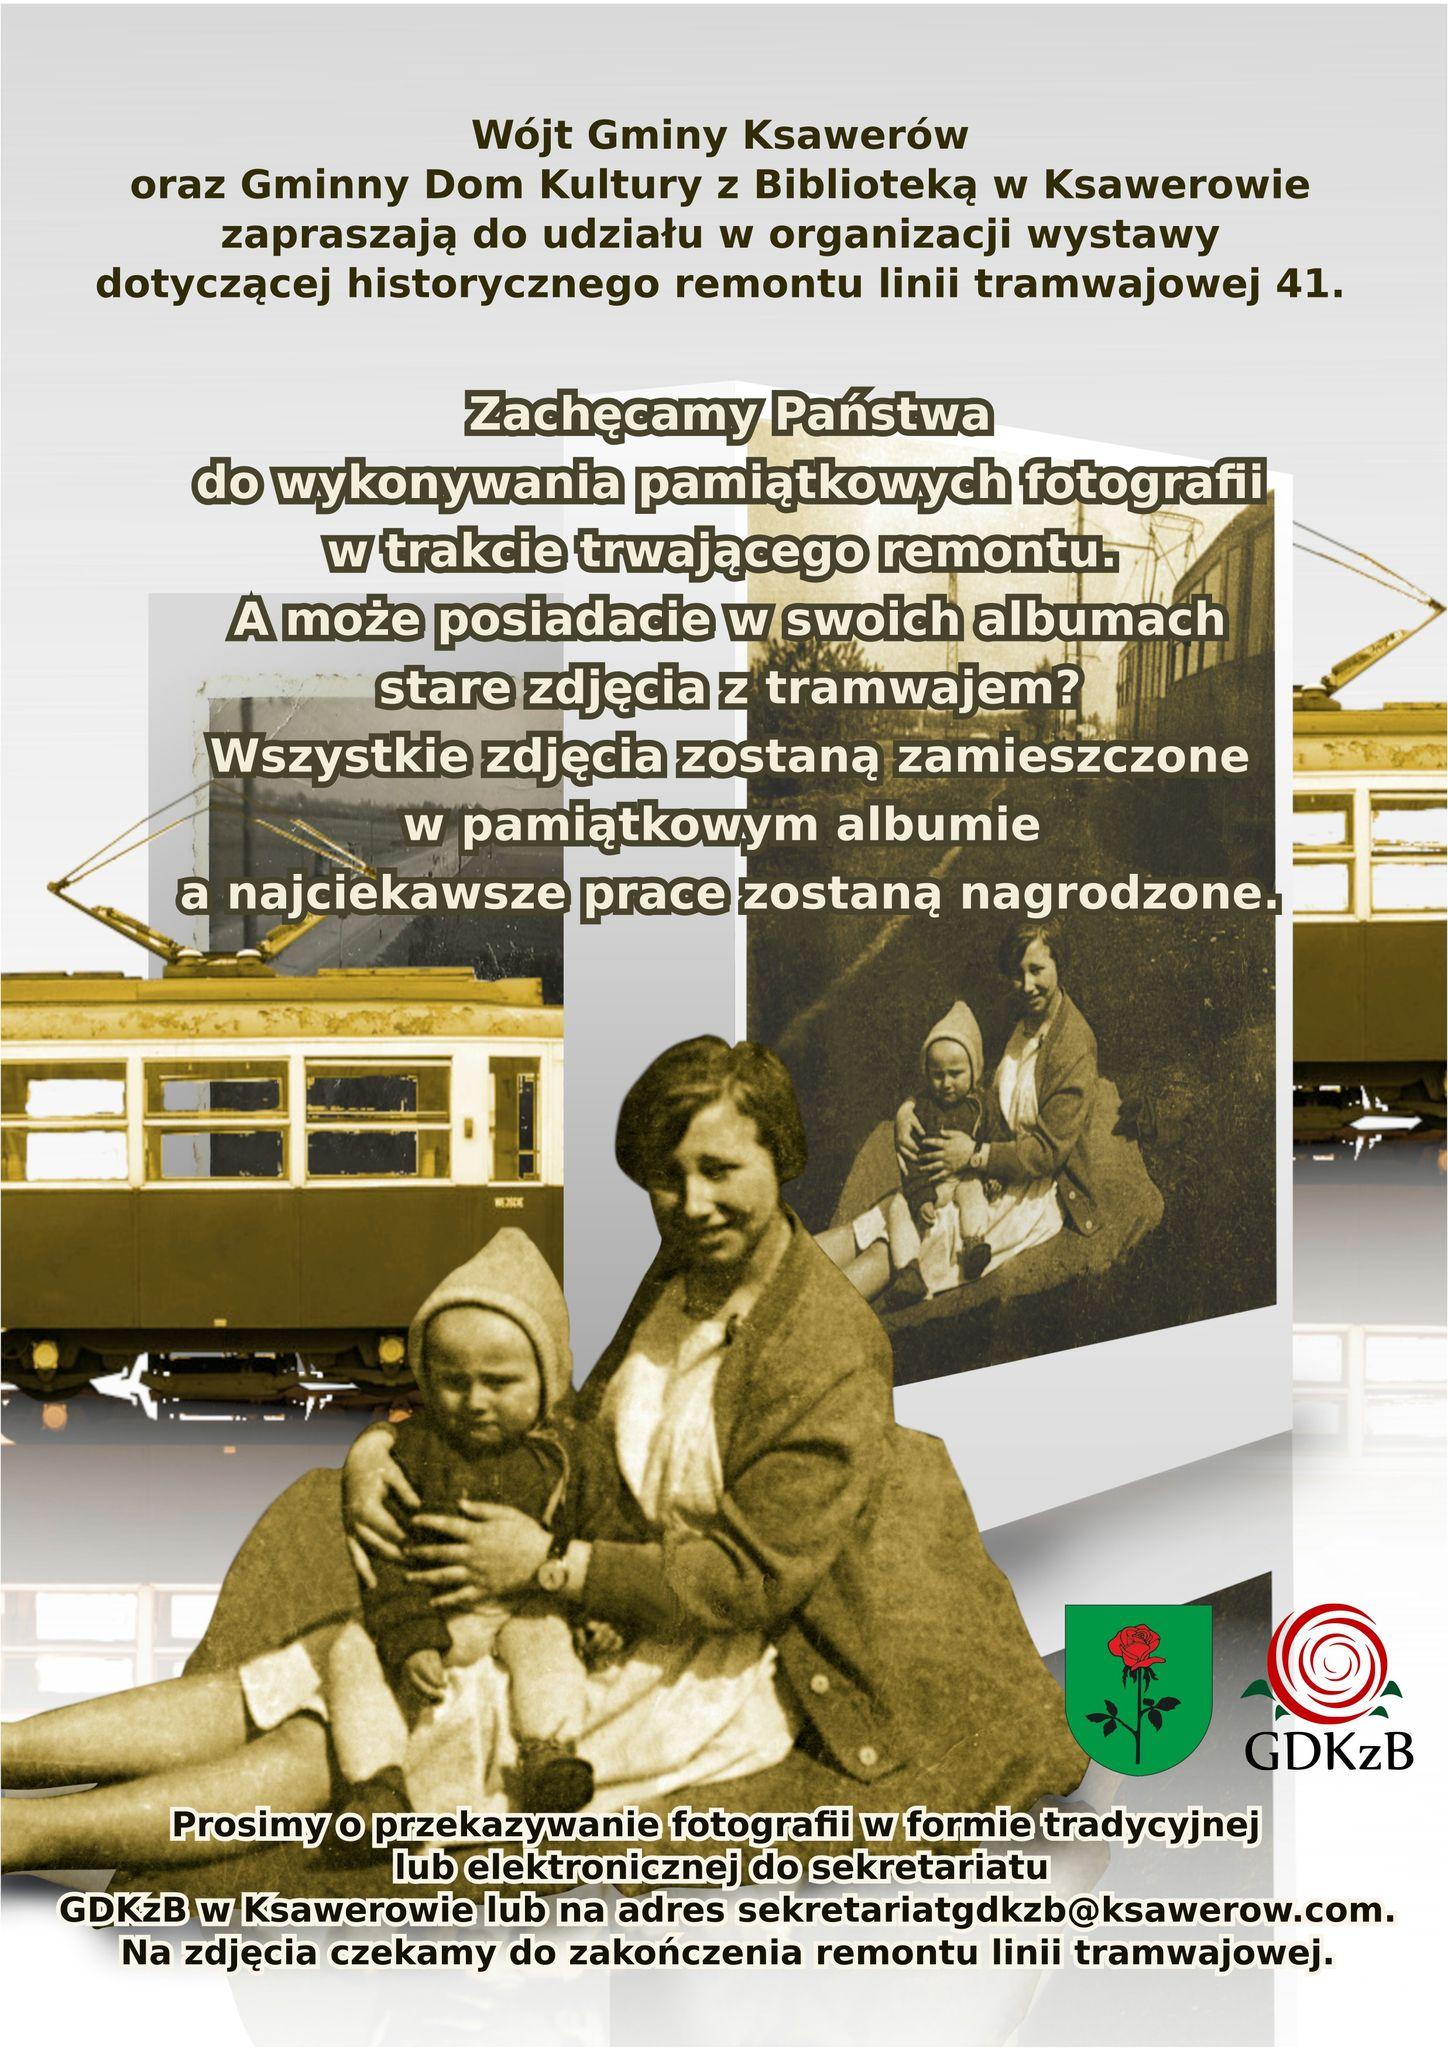 wójt gminy ksawerów oraz gminny dom kultury z biblioteką w ksawerowie zapraszają do udziały u roganizacji wystawy dotyczącej historii remontu linii tramwajowej 41